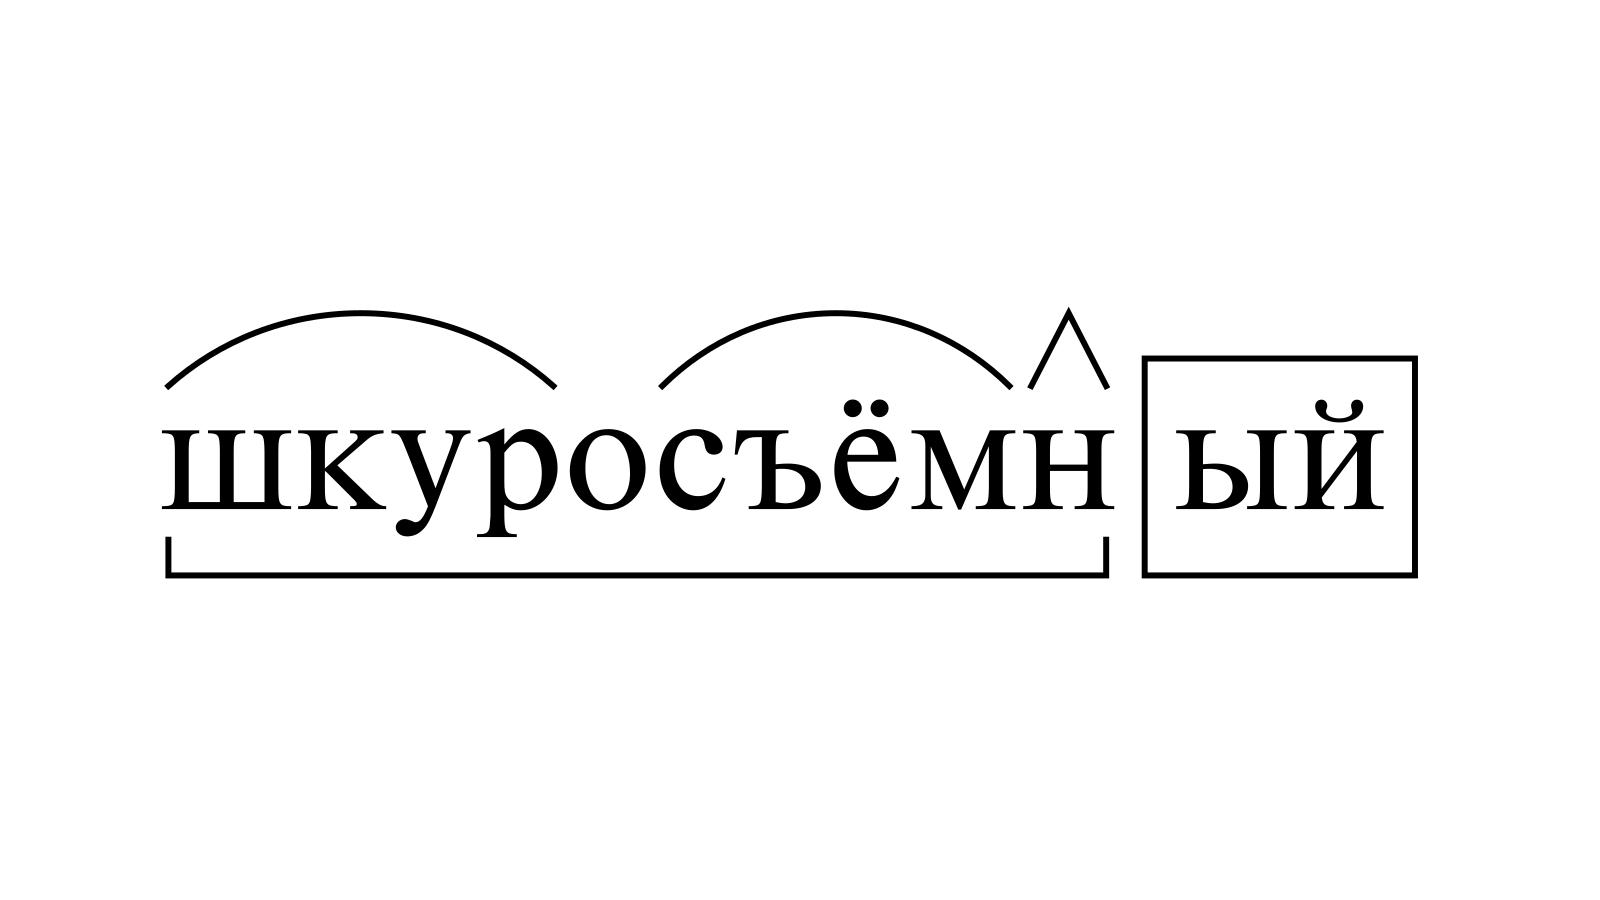 Разбор слова «шкуросъёмный» по составу